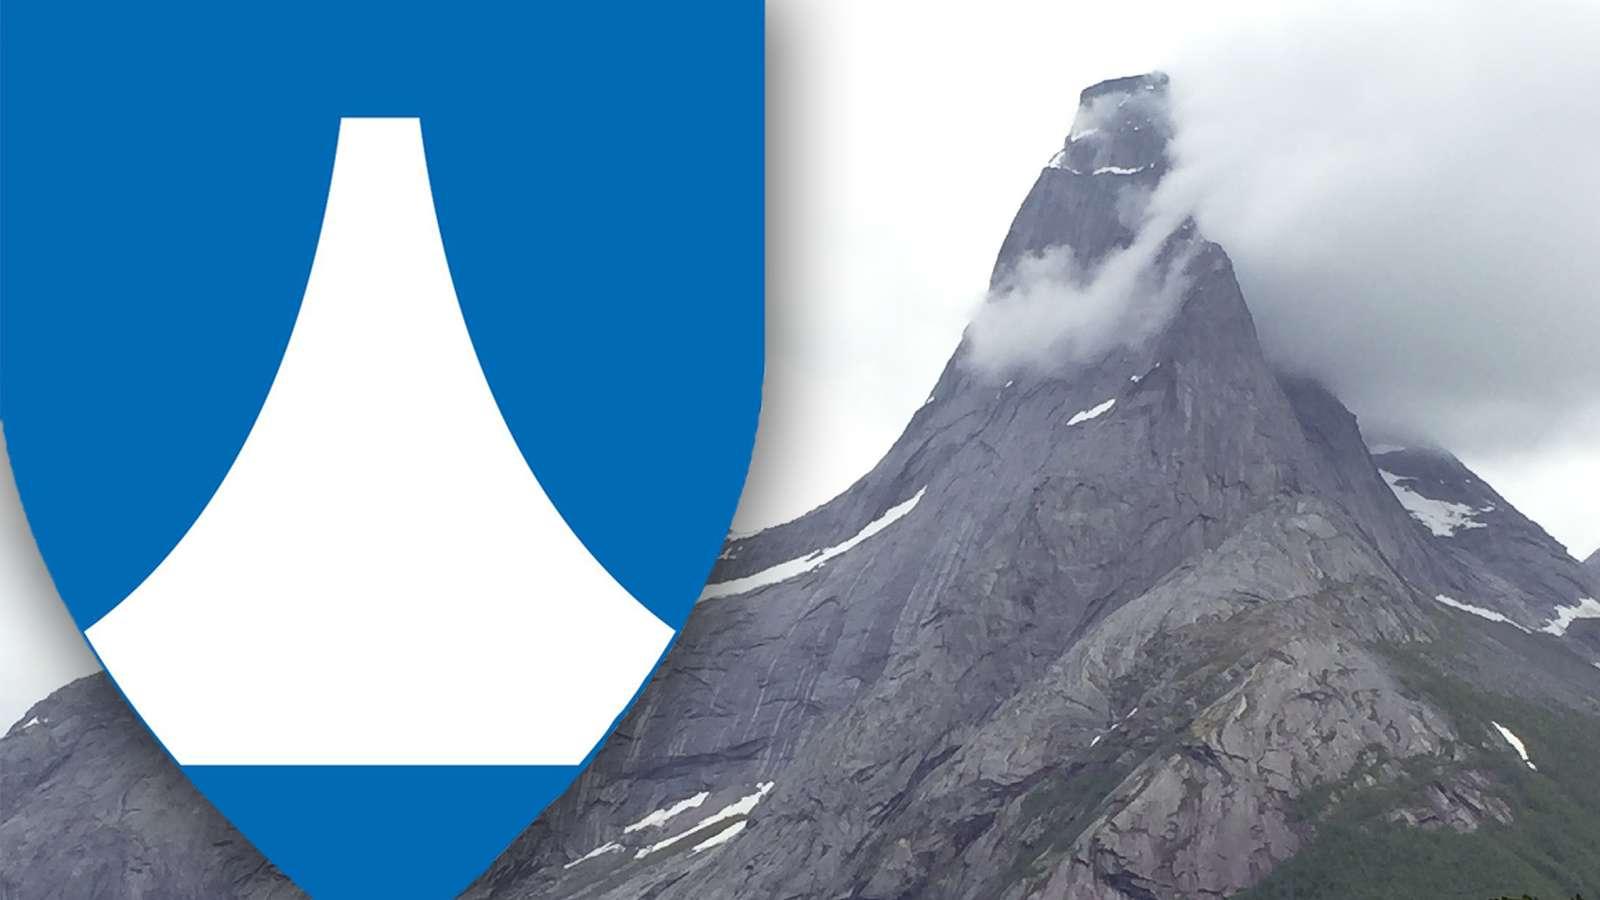 Det foreslåtte kommuneskjoldet for Nye Narvik har en slående formlikhet med fjellet Stetind.